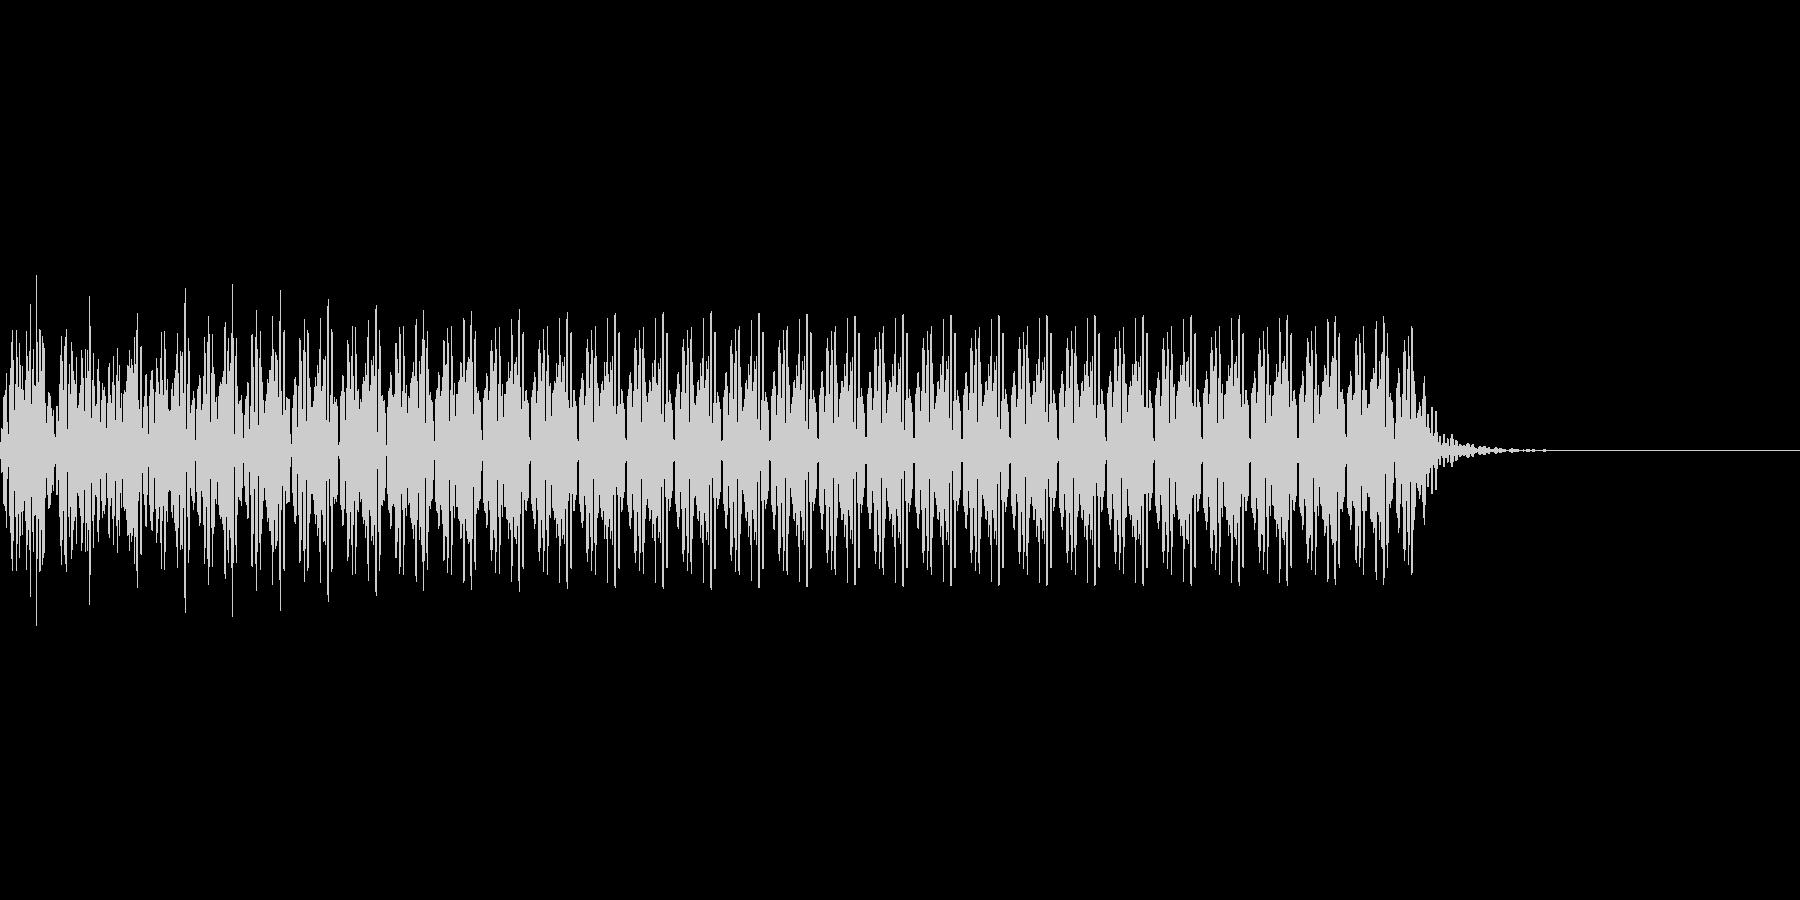 不正解のブザー音 1C ブーの未再生の波形